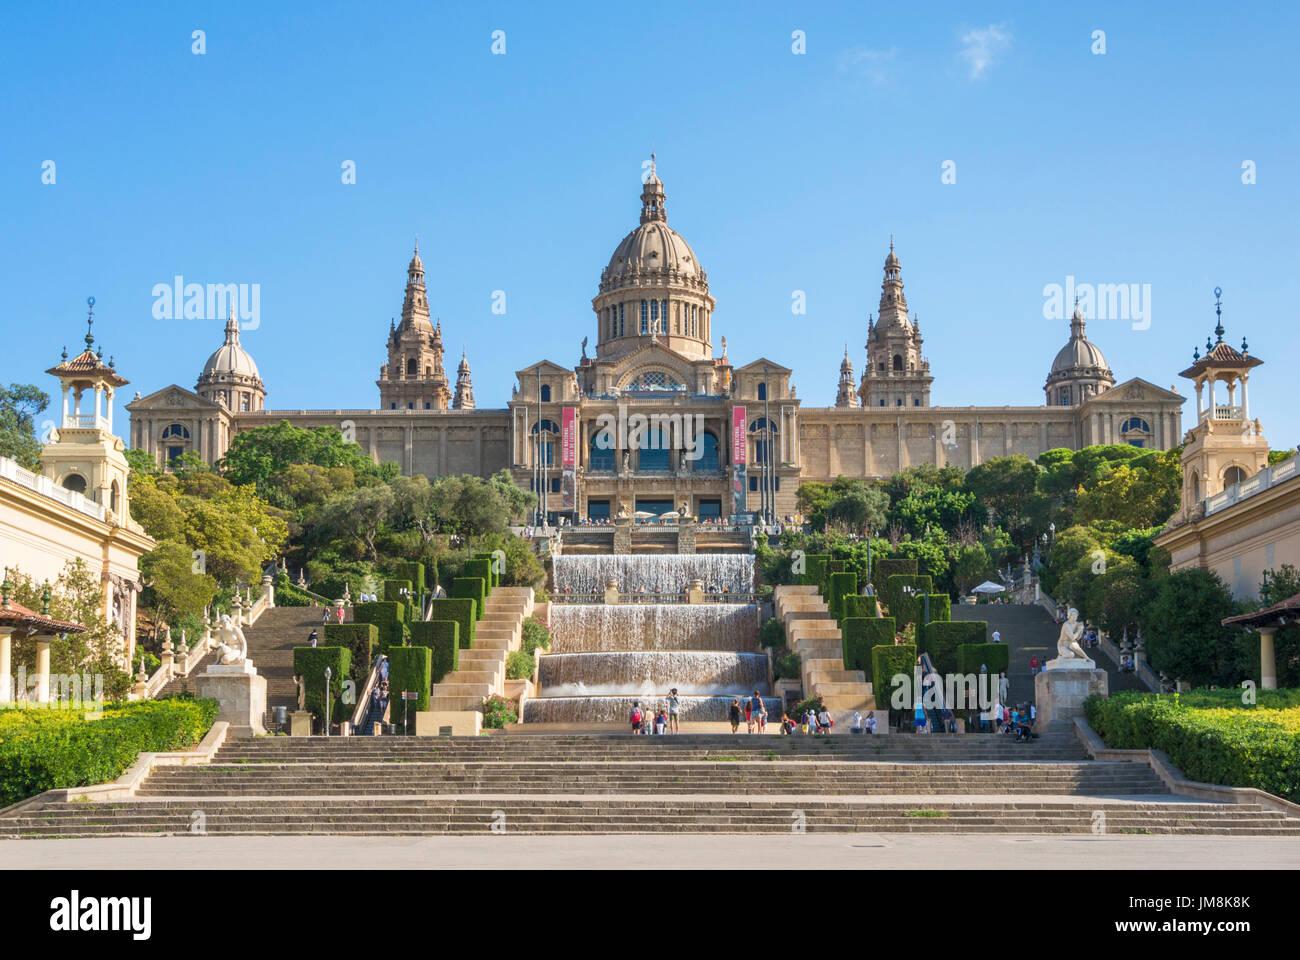 Barcelona Catalunya España Barcelona Palacio Nacional, Museo Nacional de Arte de Cataluña Plaça de les cascades cascada Montjuic Barcelona España Imagen De Stock